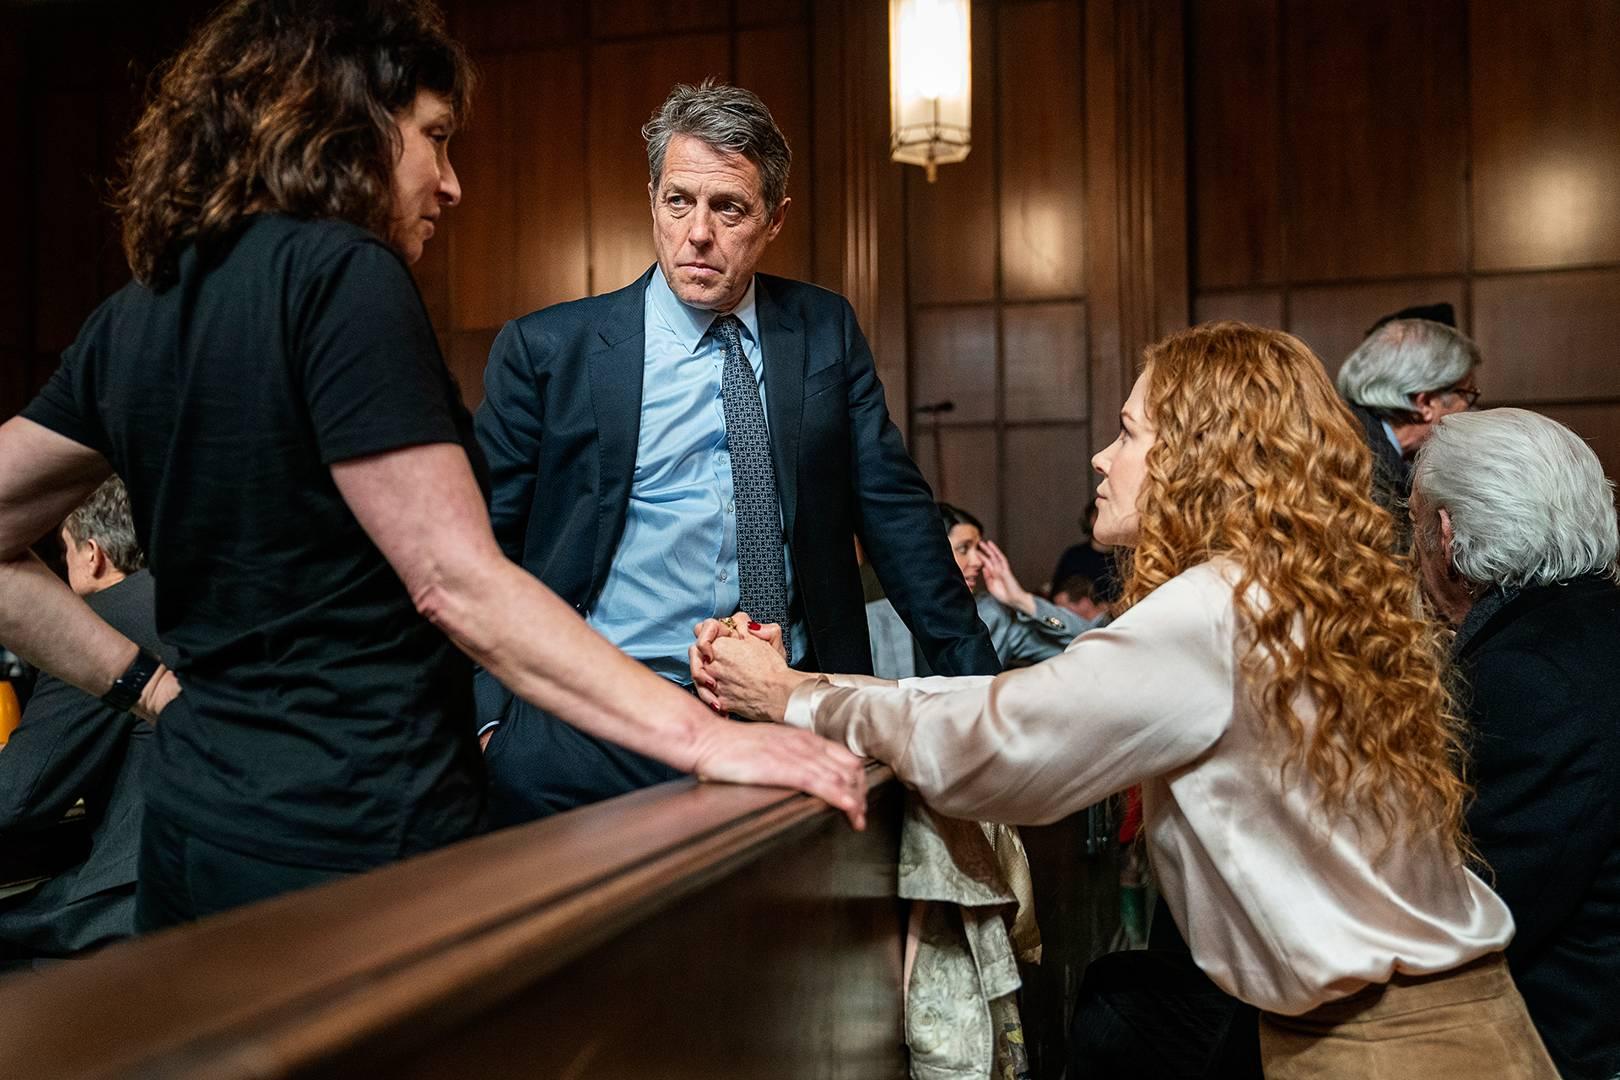 A imagem é uma cena da série The Undoing. Nela Hugh Grant, que interpreta Jonathan Fraser, e Nicole Kidman, que interpreta Grace Fraser, estão em um tribunal. Hugh está em frente à Nicole, separado por uma divisória. Ele é um homem branco, com cabelos grisalhos e olhos azuis, ele veste uma camisa, gravata e um terno em tons azuis. Nicole está com os braços apoiados na divisória. Ela é uma mulher branca, de cabelos ruivos e longos, ela veste uma camisa branca de mangas compridas. Ambos estão com o olhar direcionado para a diretora Susanne Bier, que está ao lado de Hugh. Ela é uma mulher branca, de cabelos castanhos escuros na altura dos ombros, e veste uma camiseta e calça pretas.